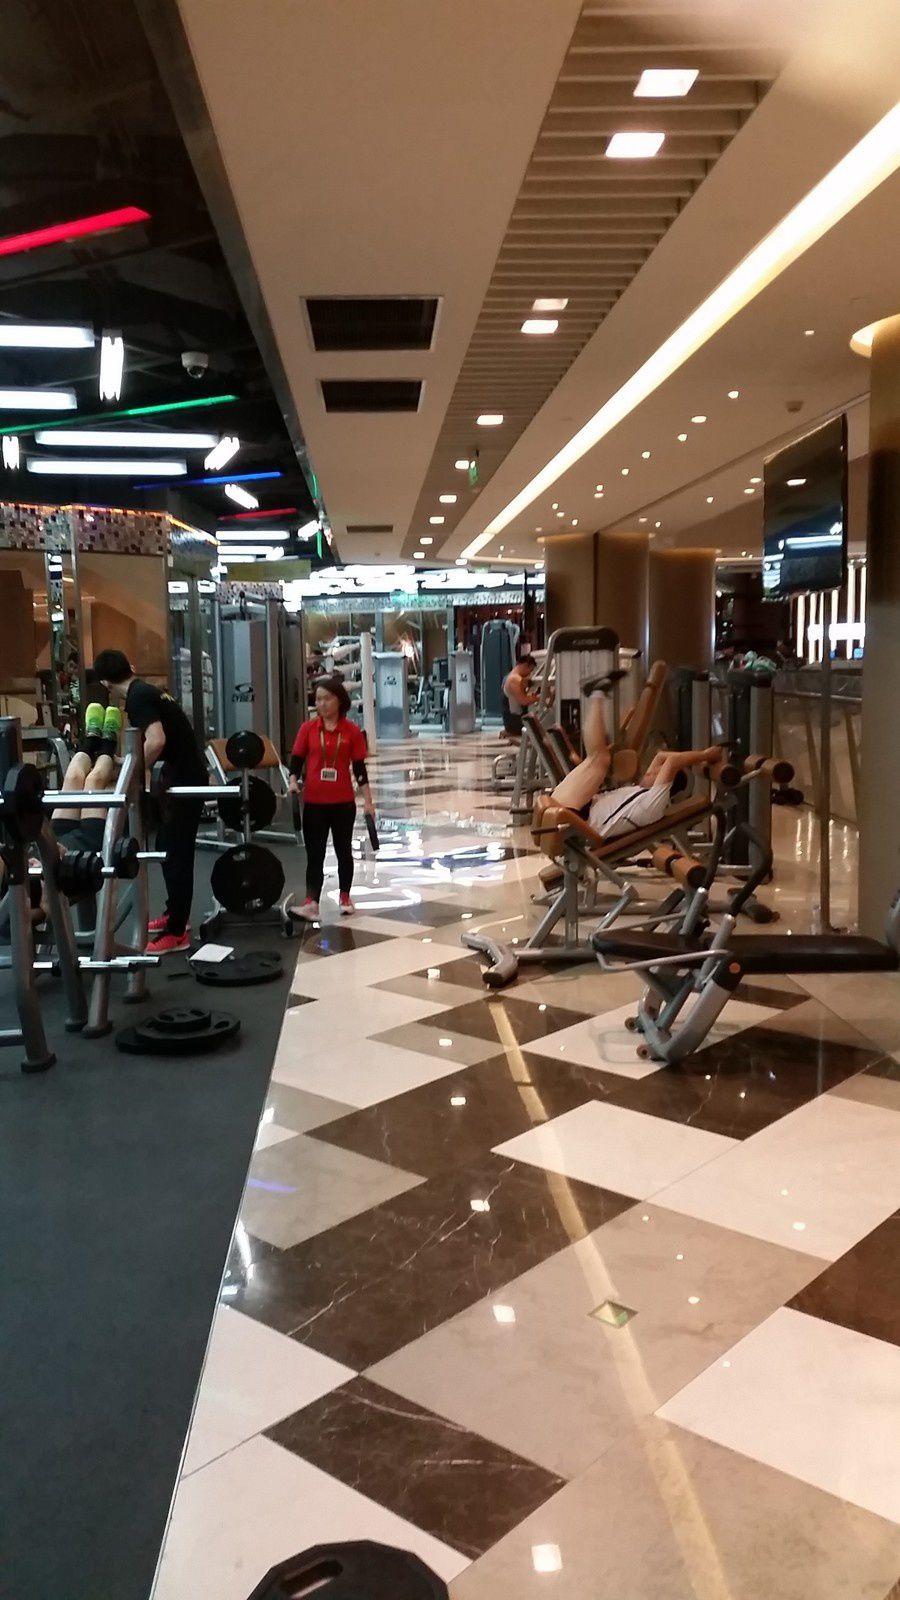 # 2 Best of Shanghai malls : Cristal Mall - stores, mais également restaurants, salles de sports et cabinets médicaux.